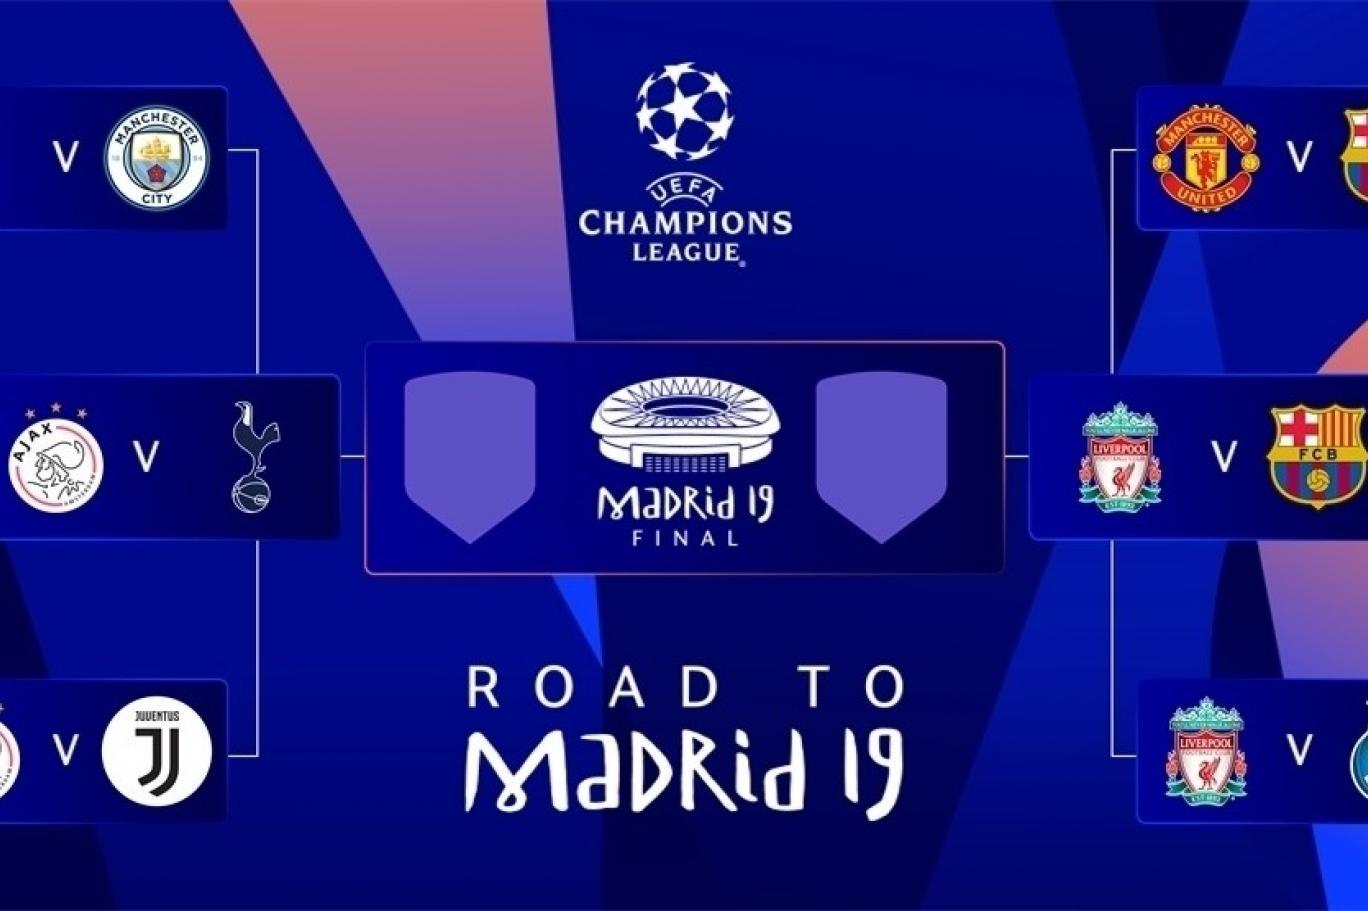 مواعيد مباريات الدور قبل النهائي لبطولة دوري أبطال أوروبا بين برشلونة ضد  ليفربول وتوتنهام ضد أياكس | اندبندنت عربية